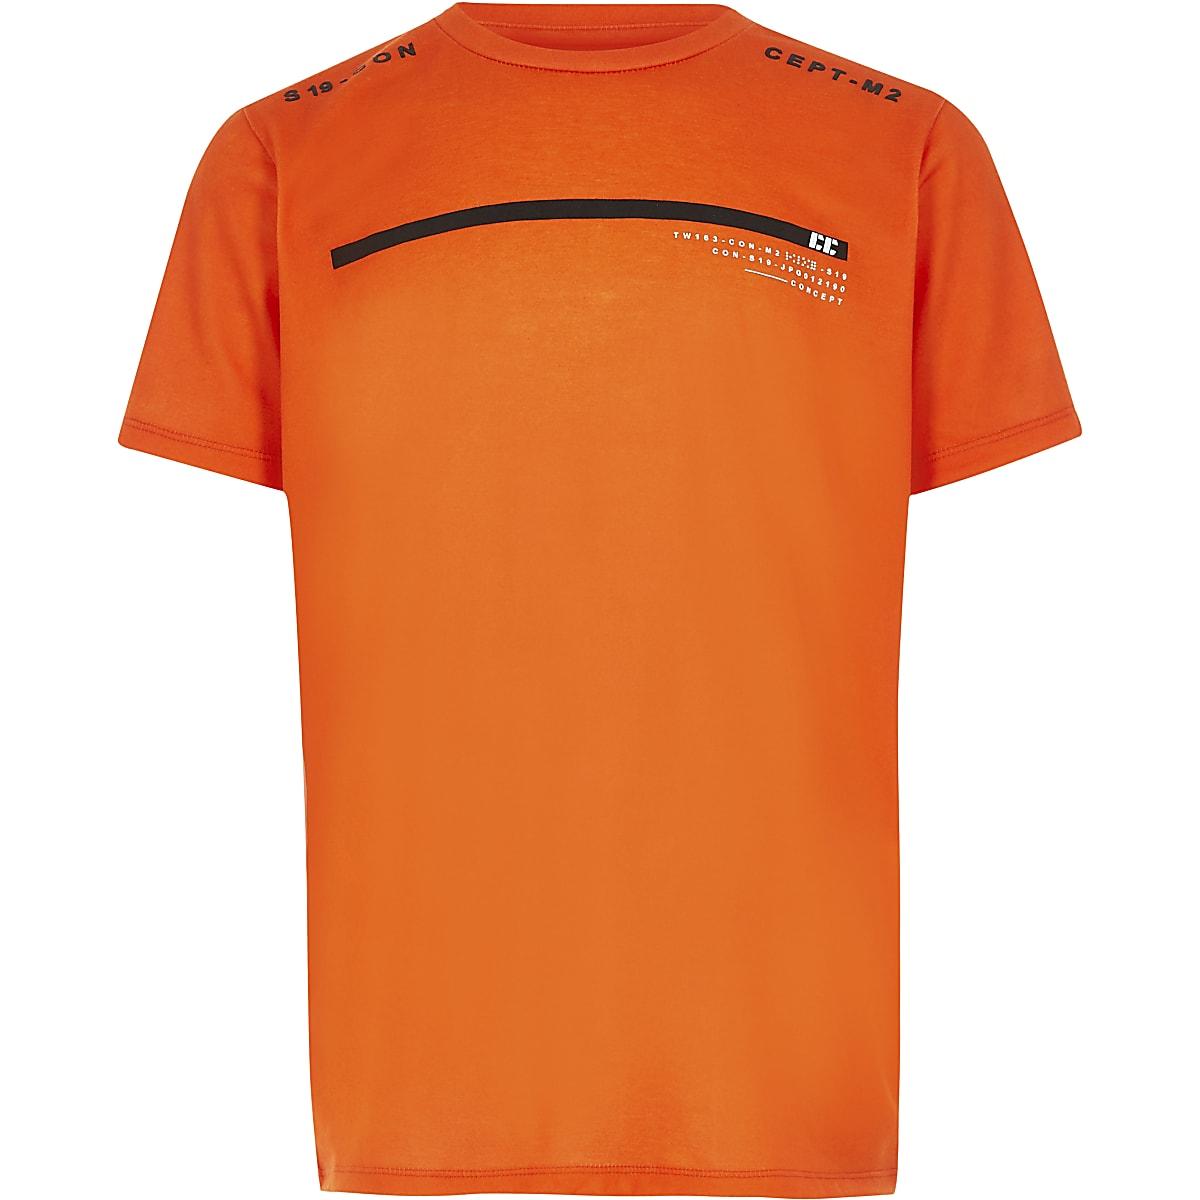 RI Active - Oranje T-shirt met STN-print voor jongens